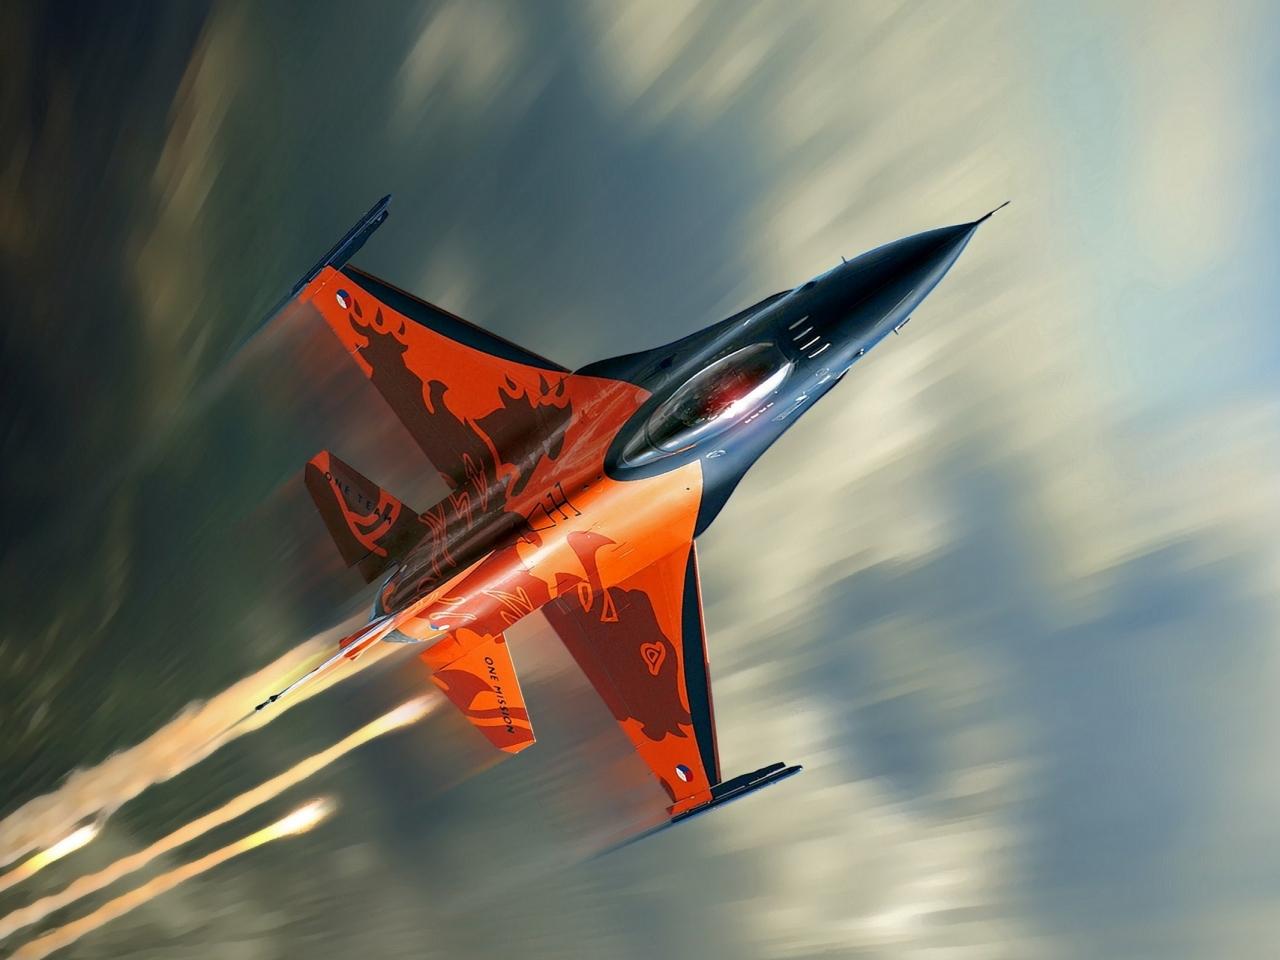 Avión F16 Falcon - 1280x960